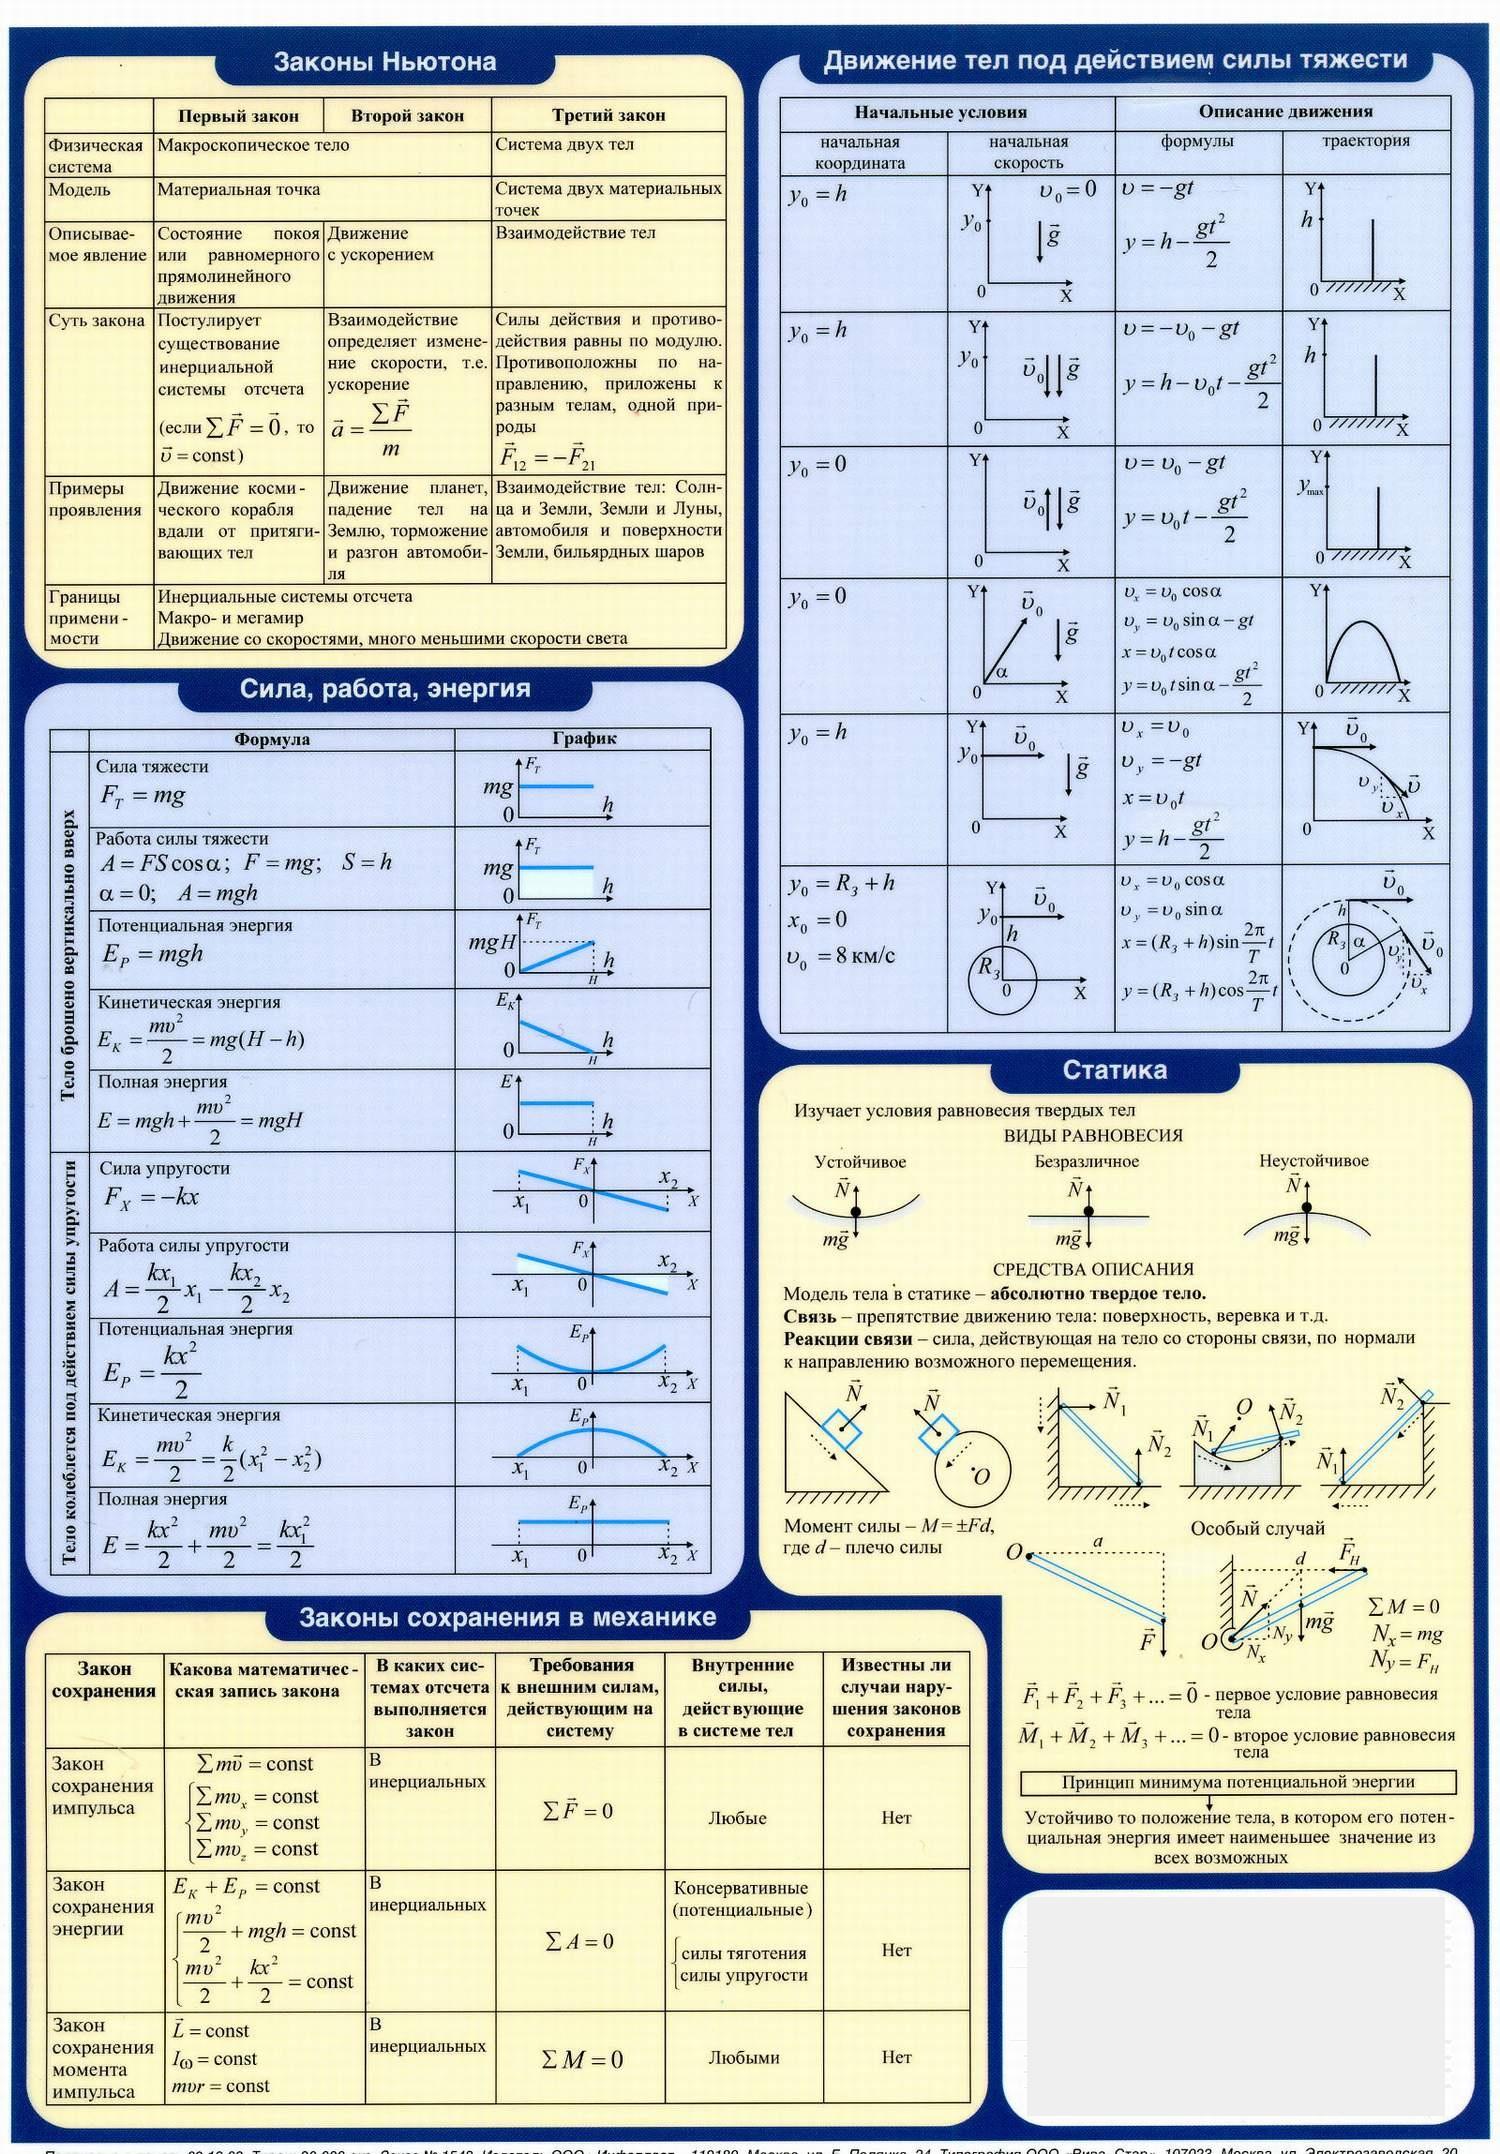 Законы Ньютона. Движение тел под действием силы тяжести. Сила, работа, энергия. Статика. Законы сохранения в механике.